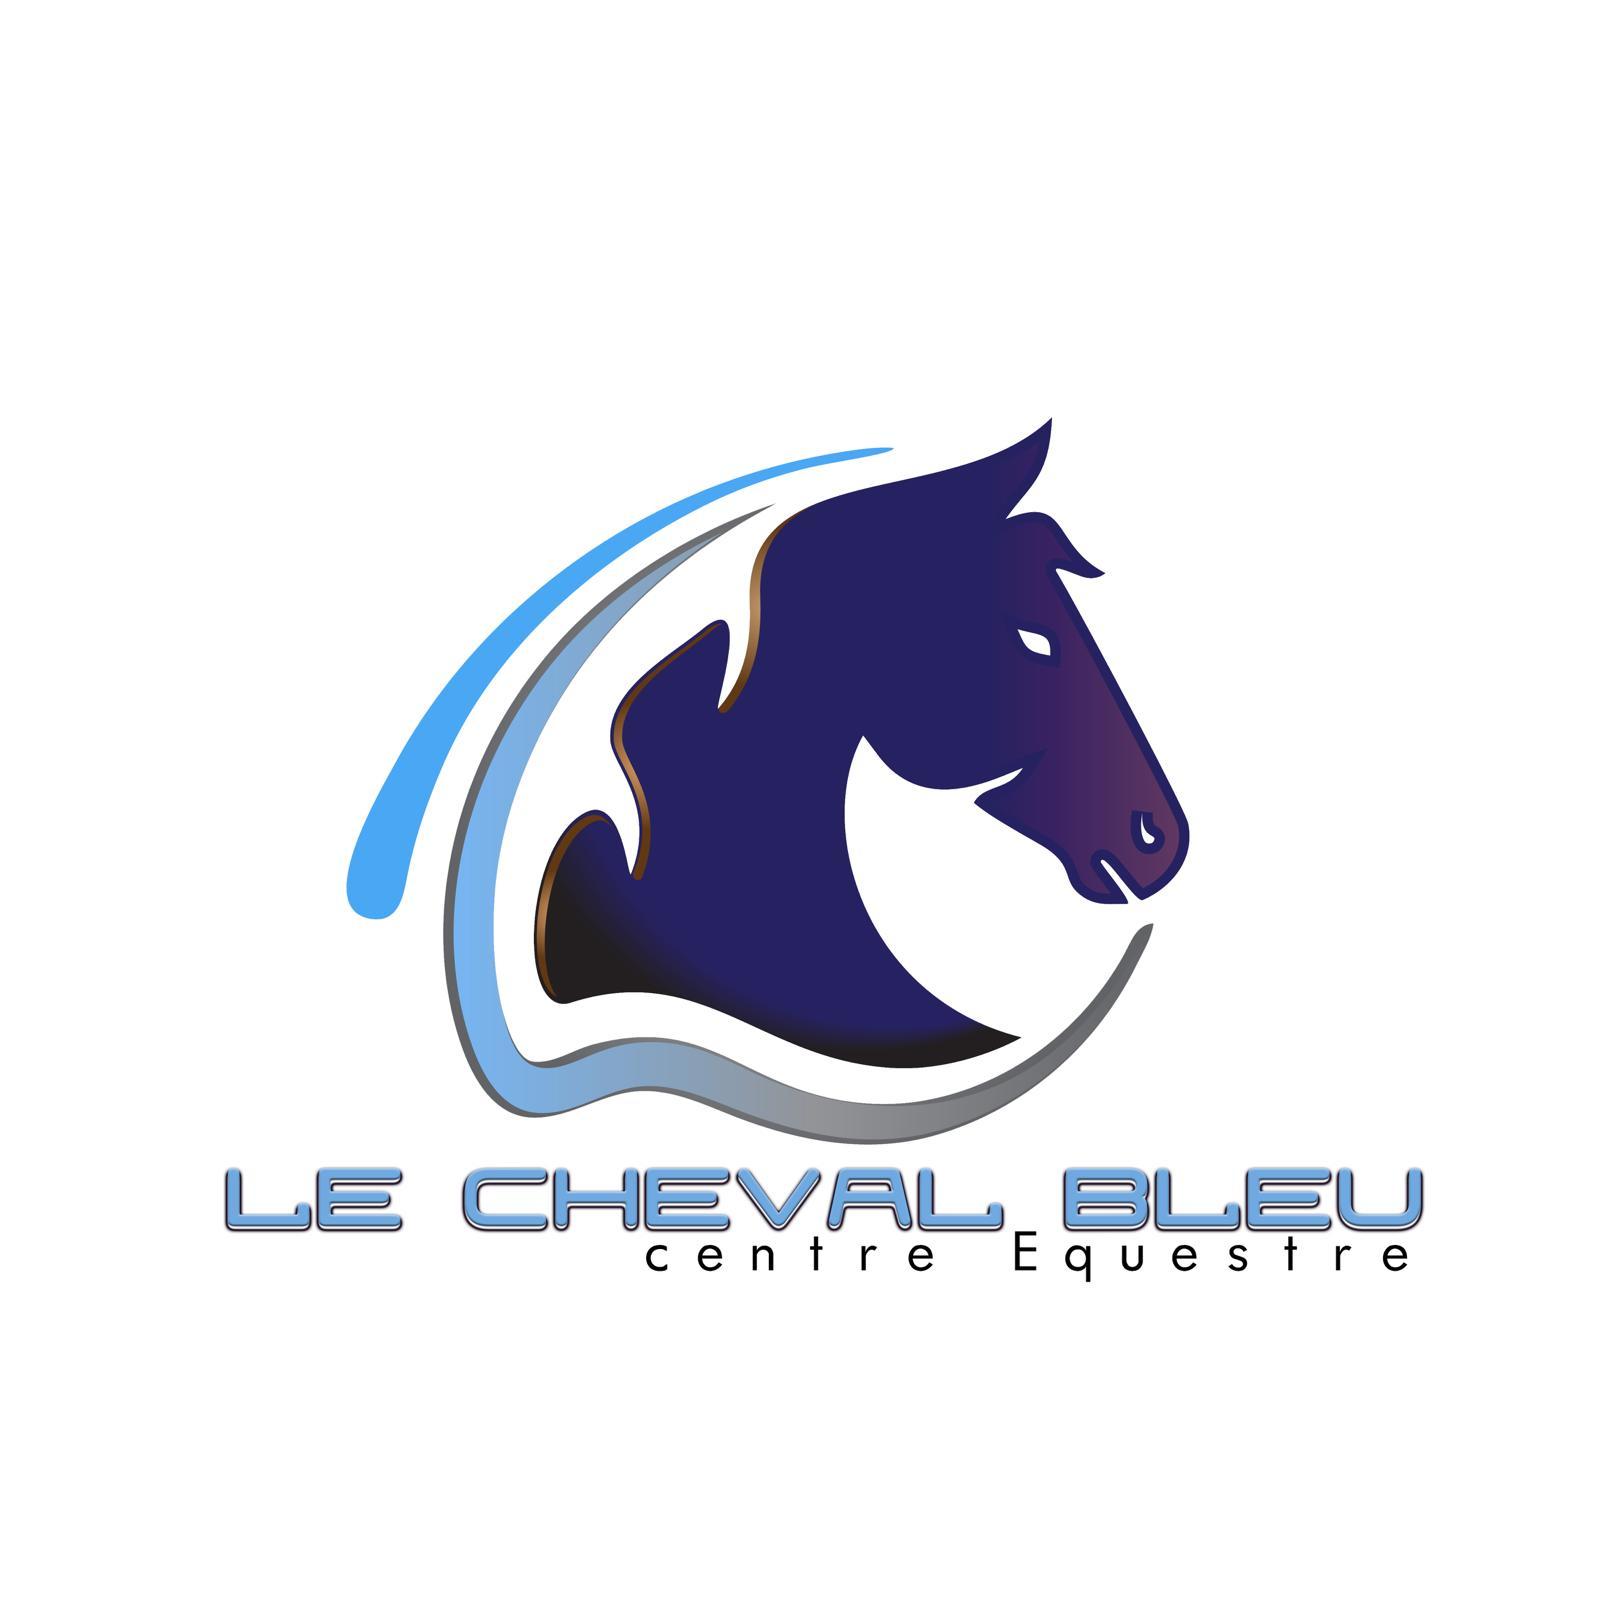 Le Cheval Beu : Centre équestre